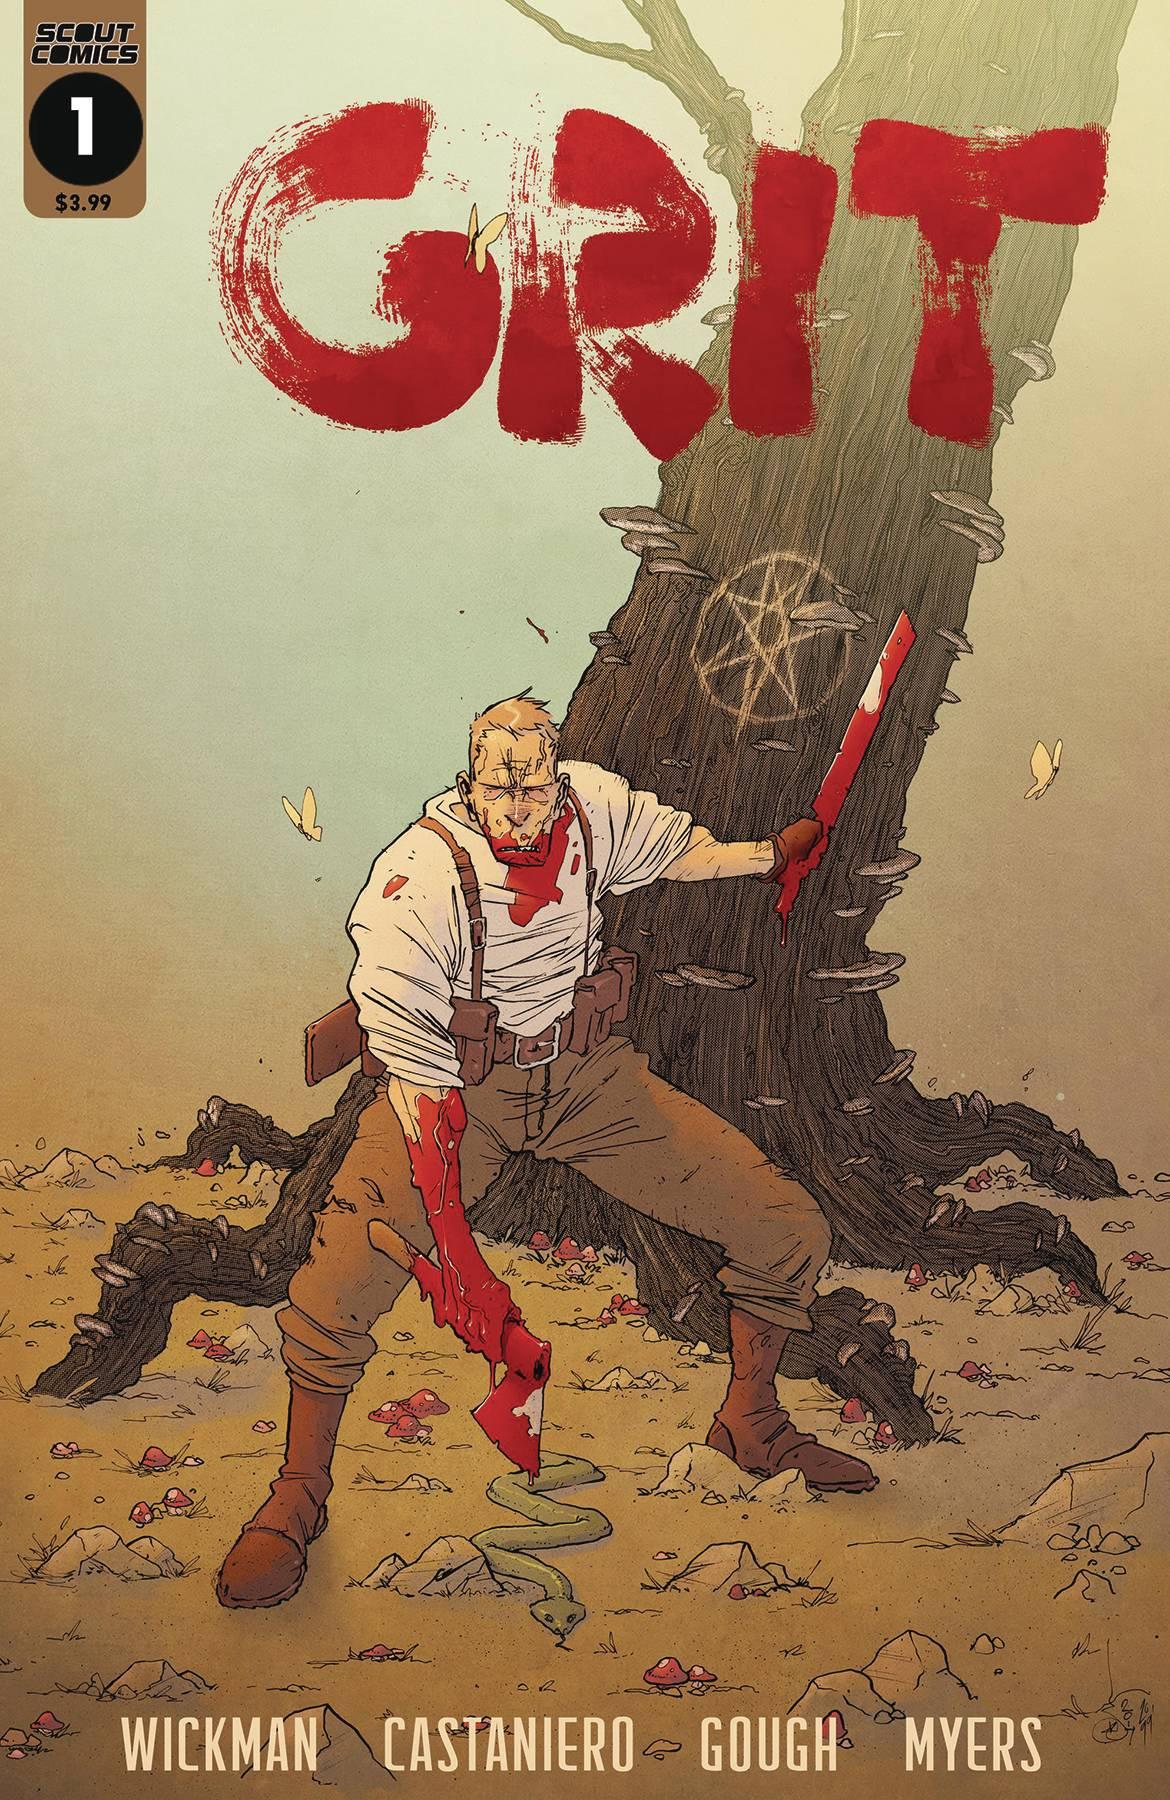 Grit #1 (2020)